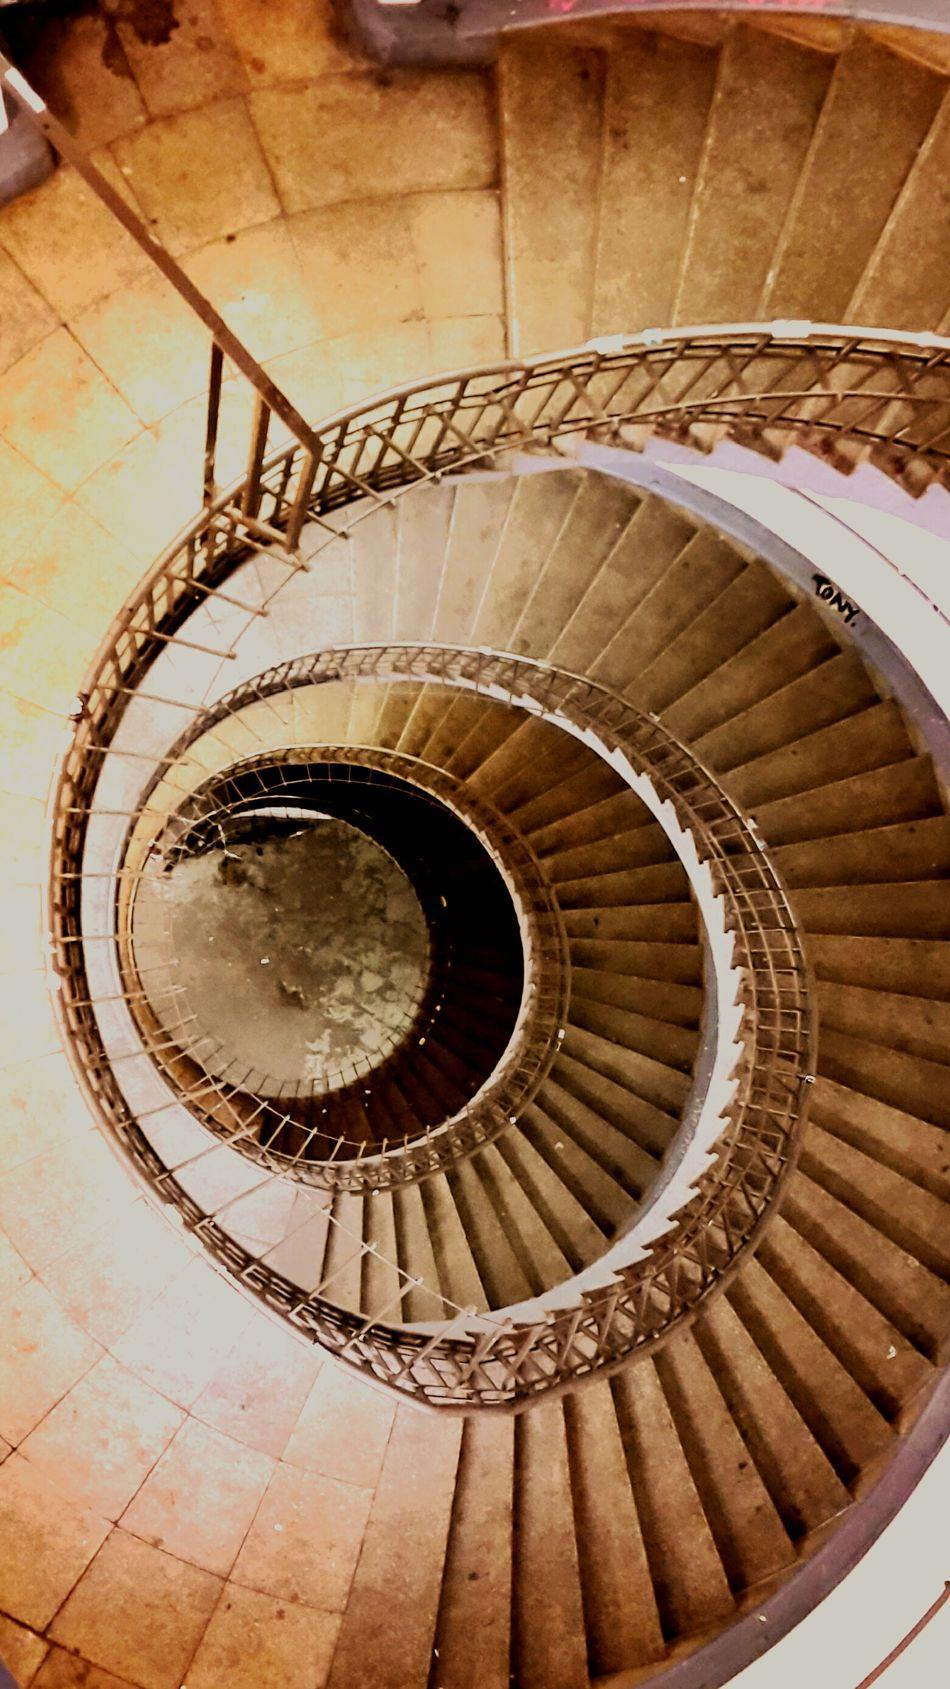 Stair Treppe No People Keine Menschen Staircase Stairs Spiral Staircase Spiral Stairs Spiral Hamburg Uebel & Gefährlich Wendeltreppe Sepia Treppengeländer Treppenhaus